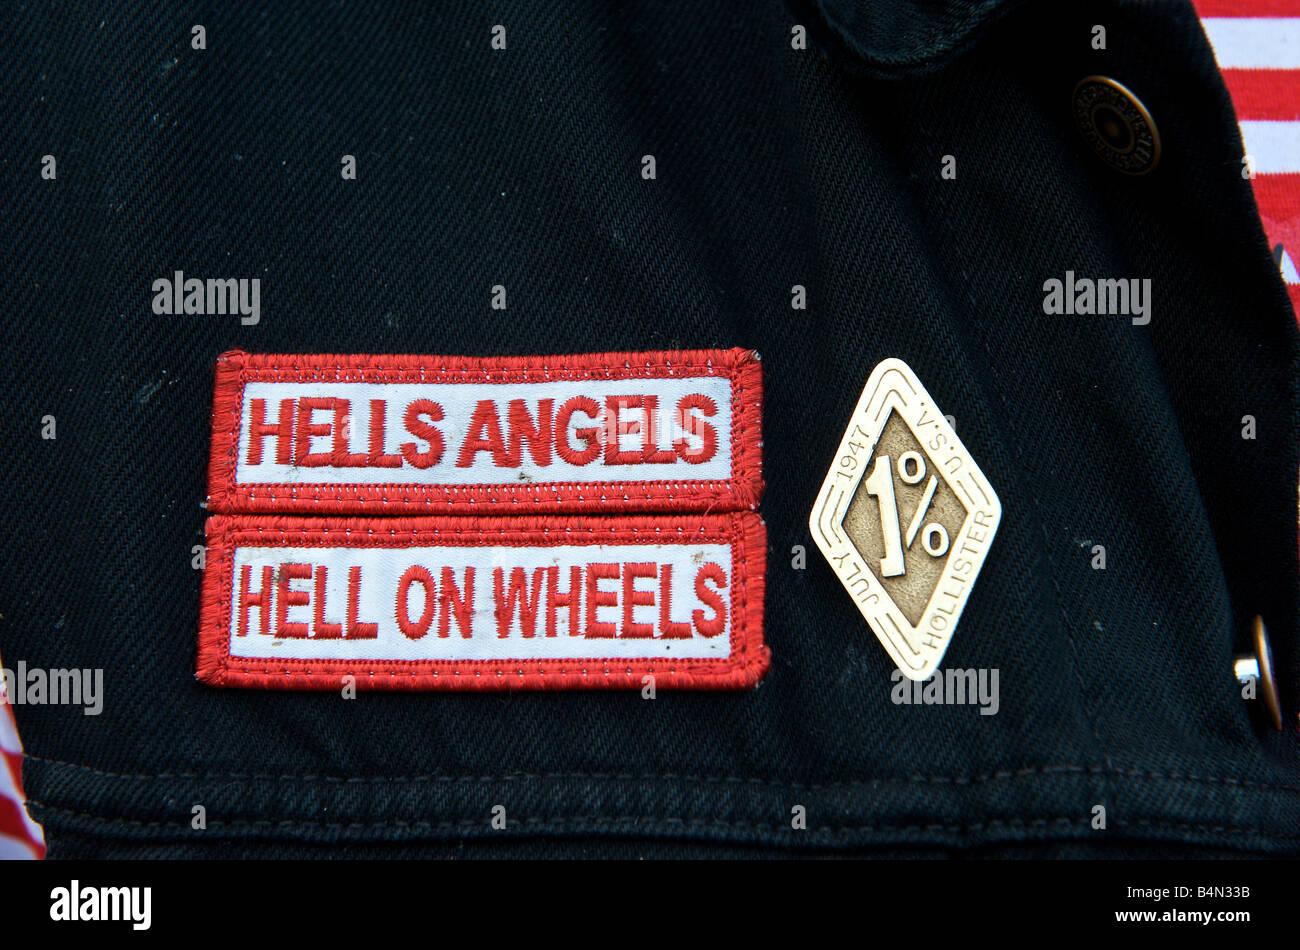 Hells Angels Jacket Stock Photos & Hells Angels Jacket Stock